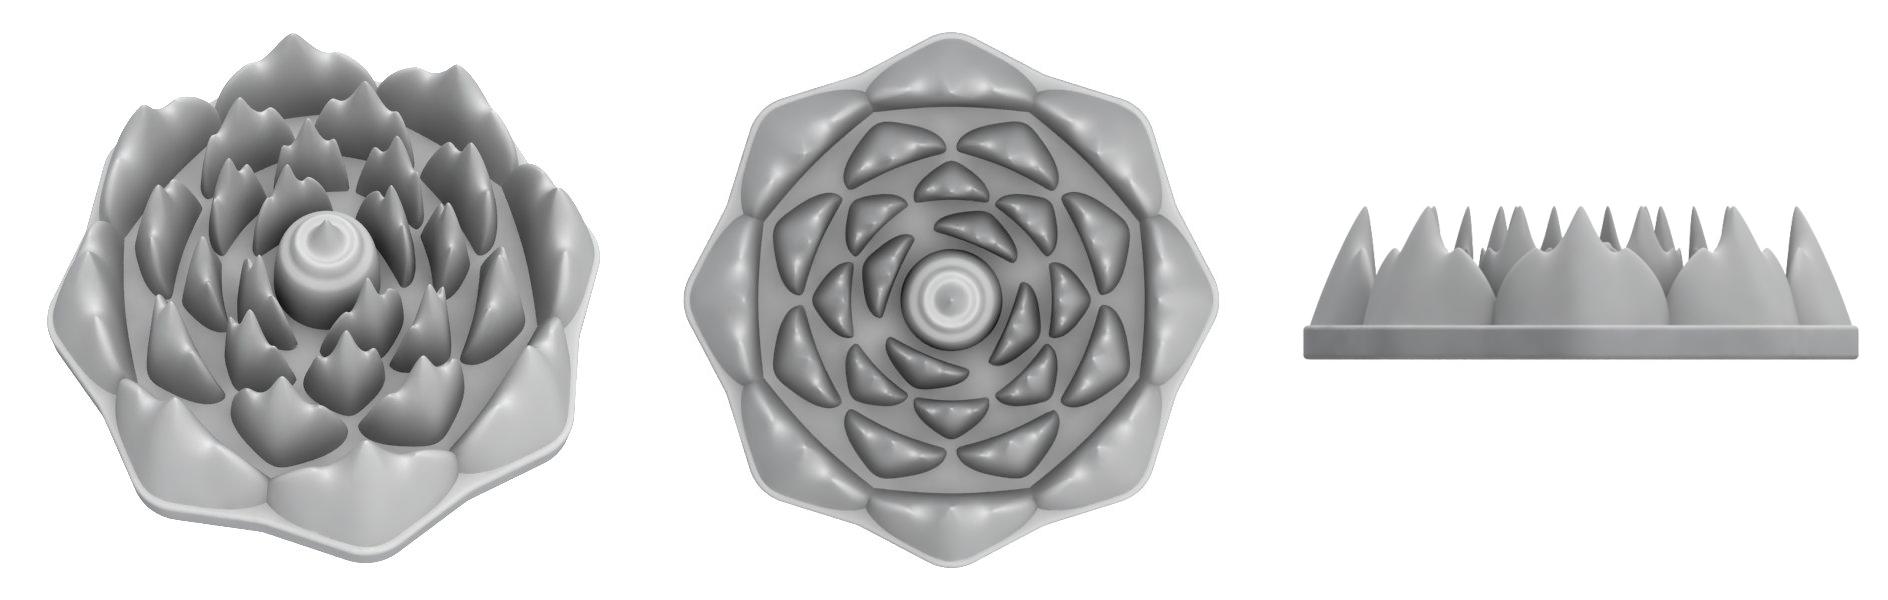 Сделать 3D модель массажного элемента формат STP/UG фото f_0865d28dfc22c896.jpg